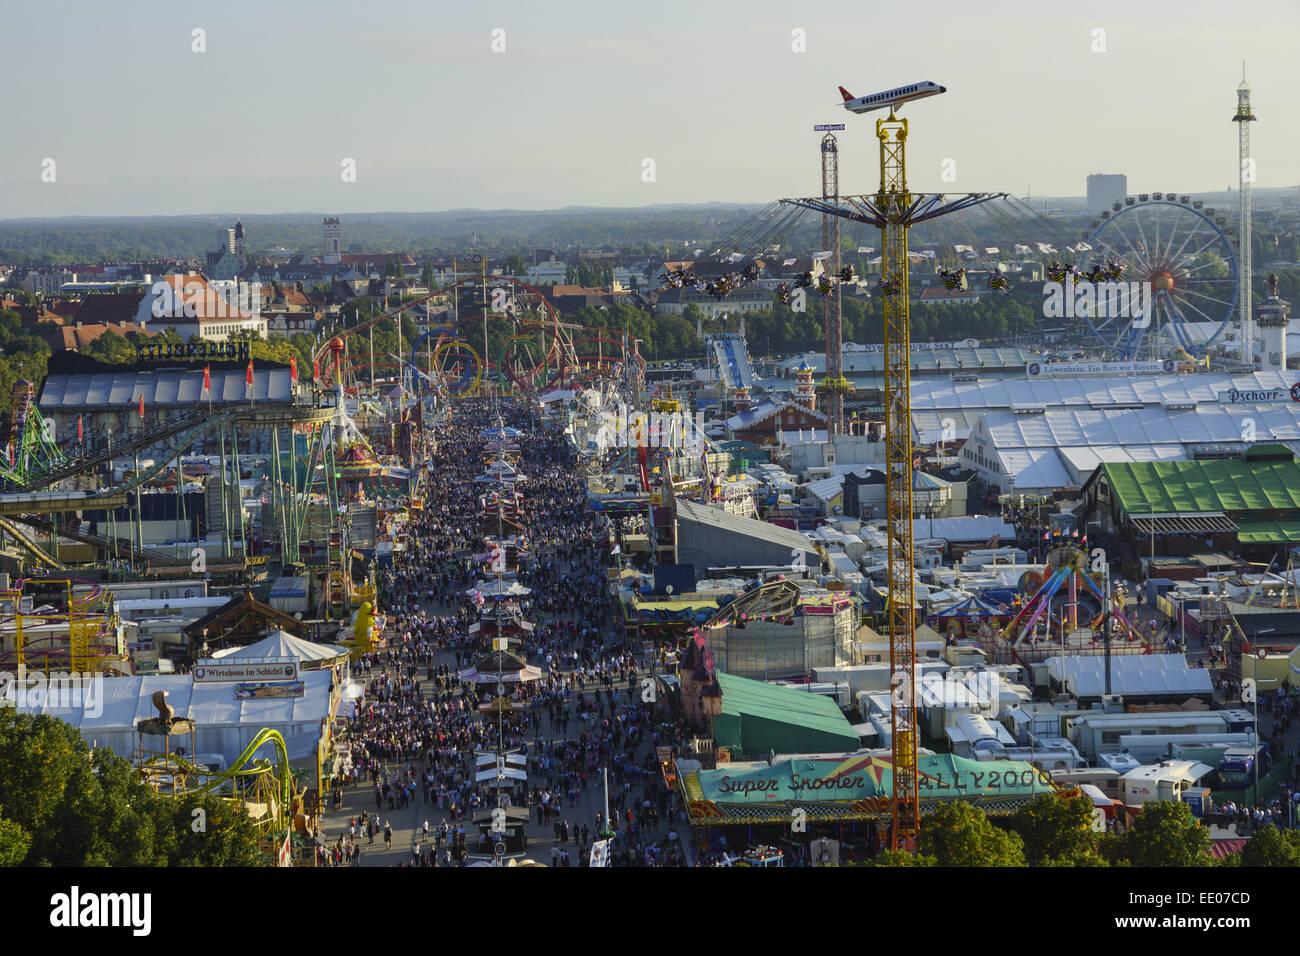 Blick auf die Wiesn, Münchner Oktoberfest, Bayern, Deutschland, Look at the Wiesn, Munich Oktoberfes Beer Festival, - Stock Image